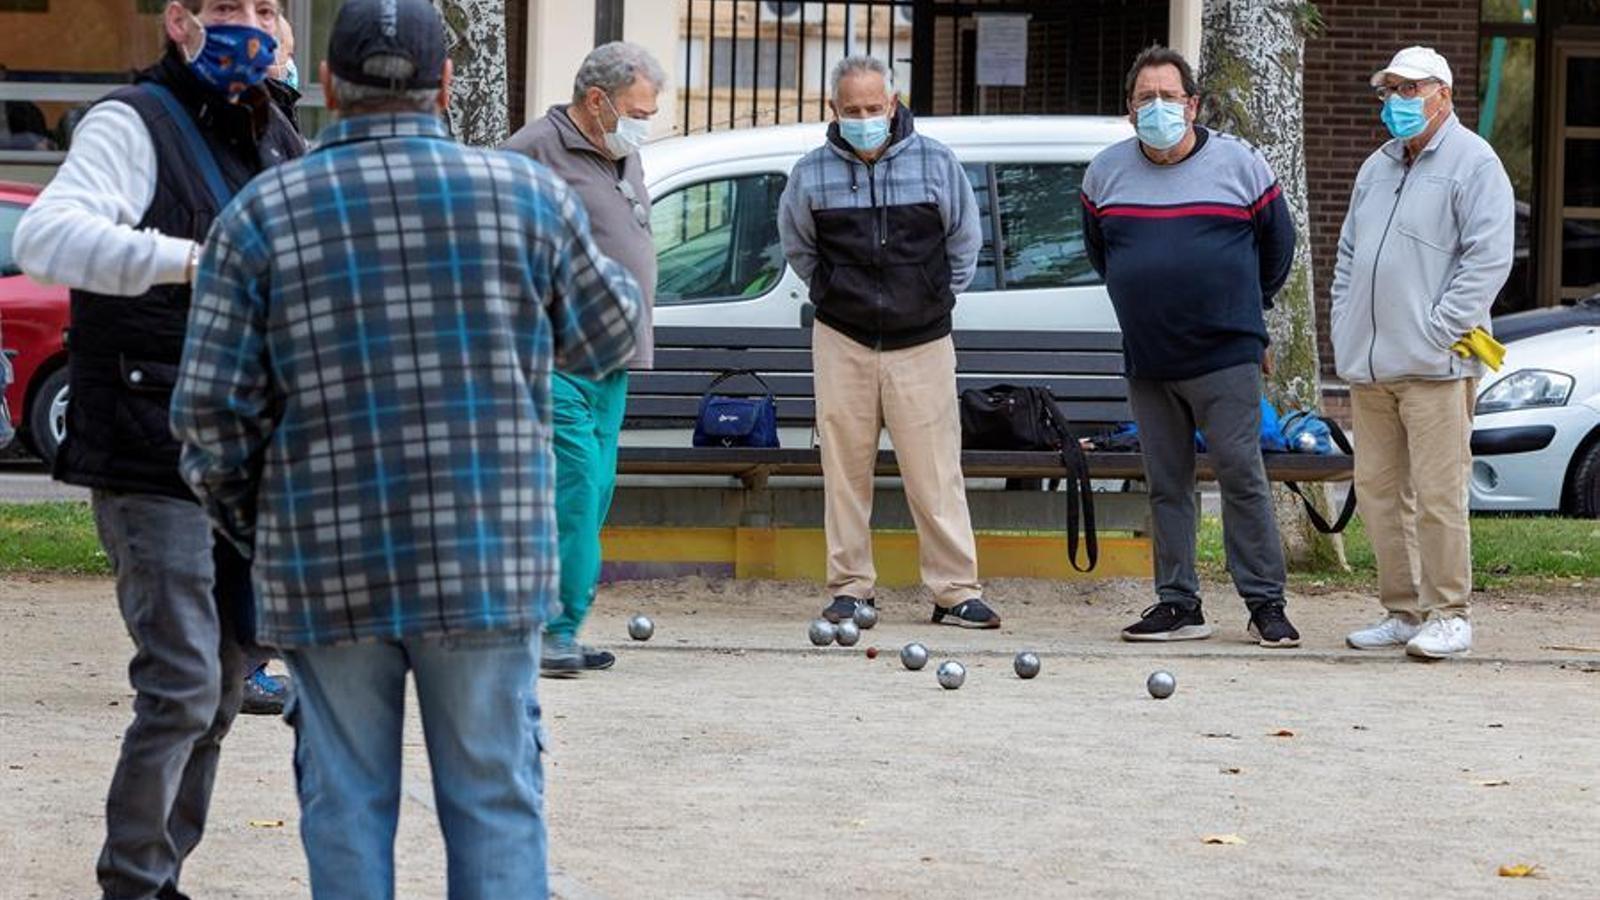 Un grup de persones jugant a la petanca aquest dimarts a Saragossa